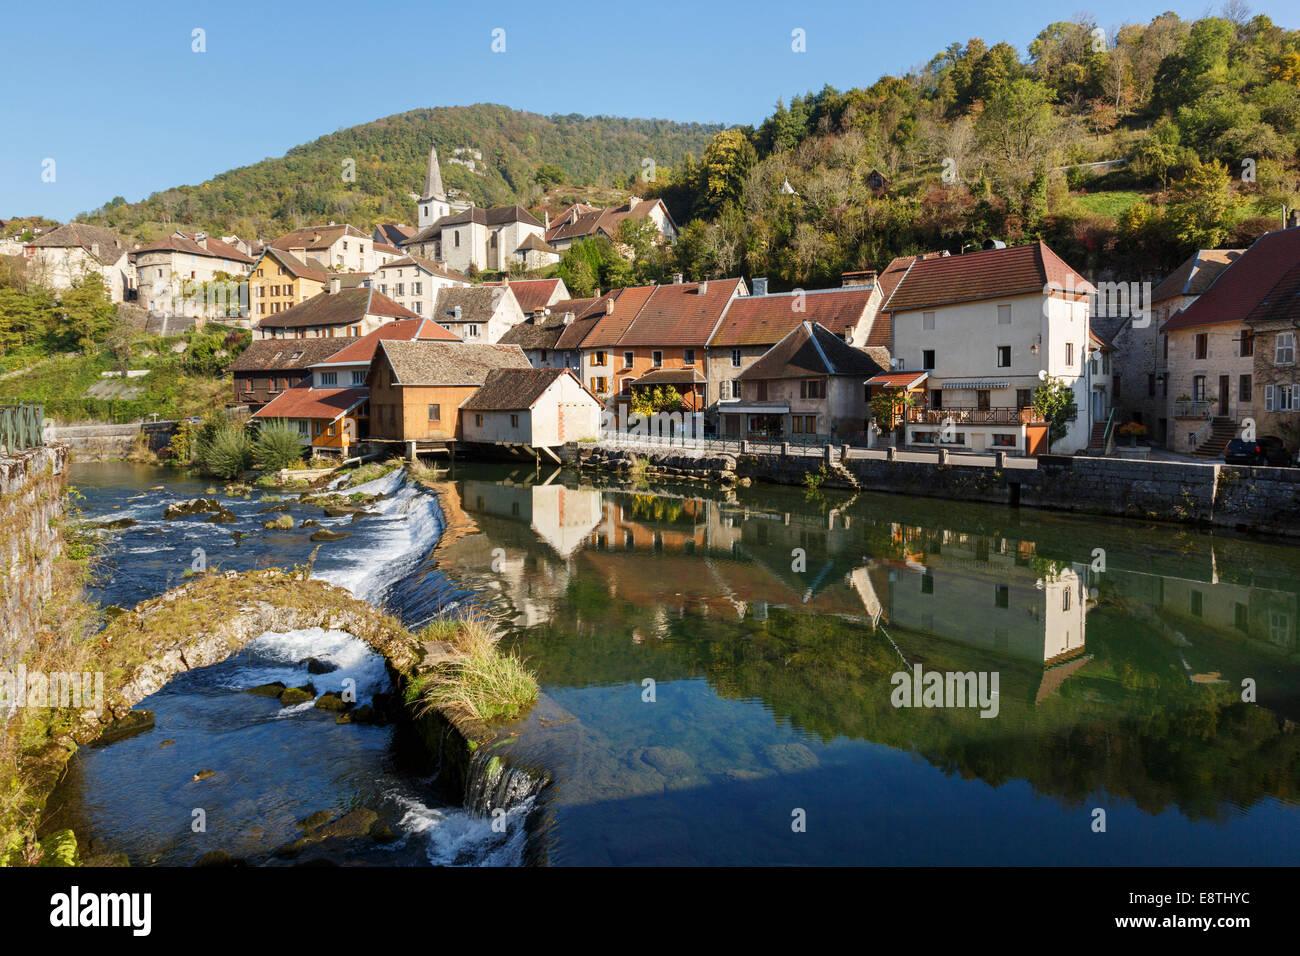 Landscape with River Loue and medieval bridge in picturesque village one of Les Plus Beaux Villages de France. Lods, - Stock Image